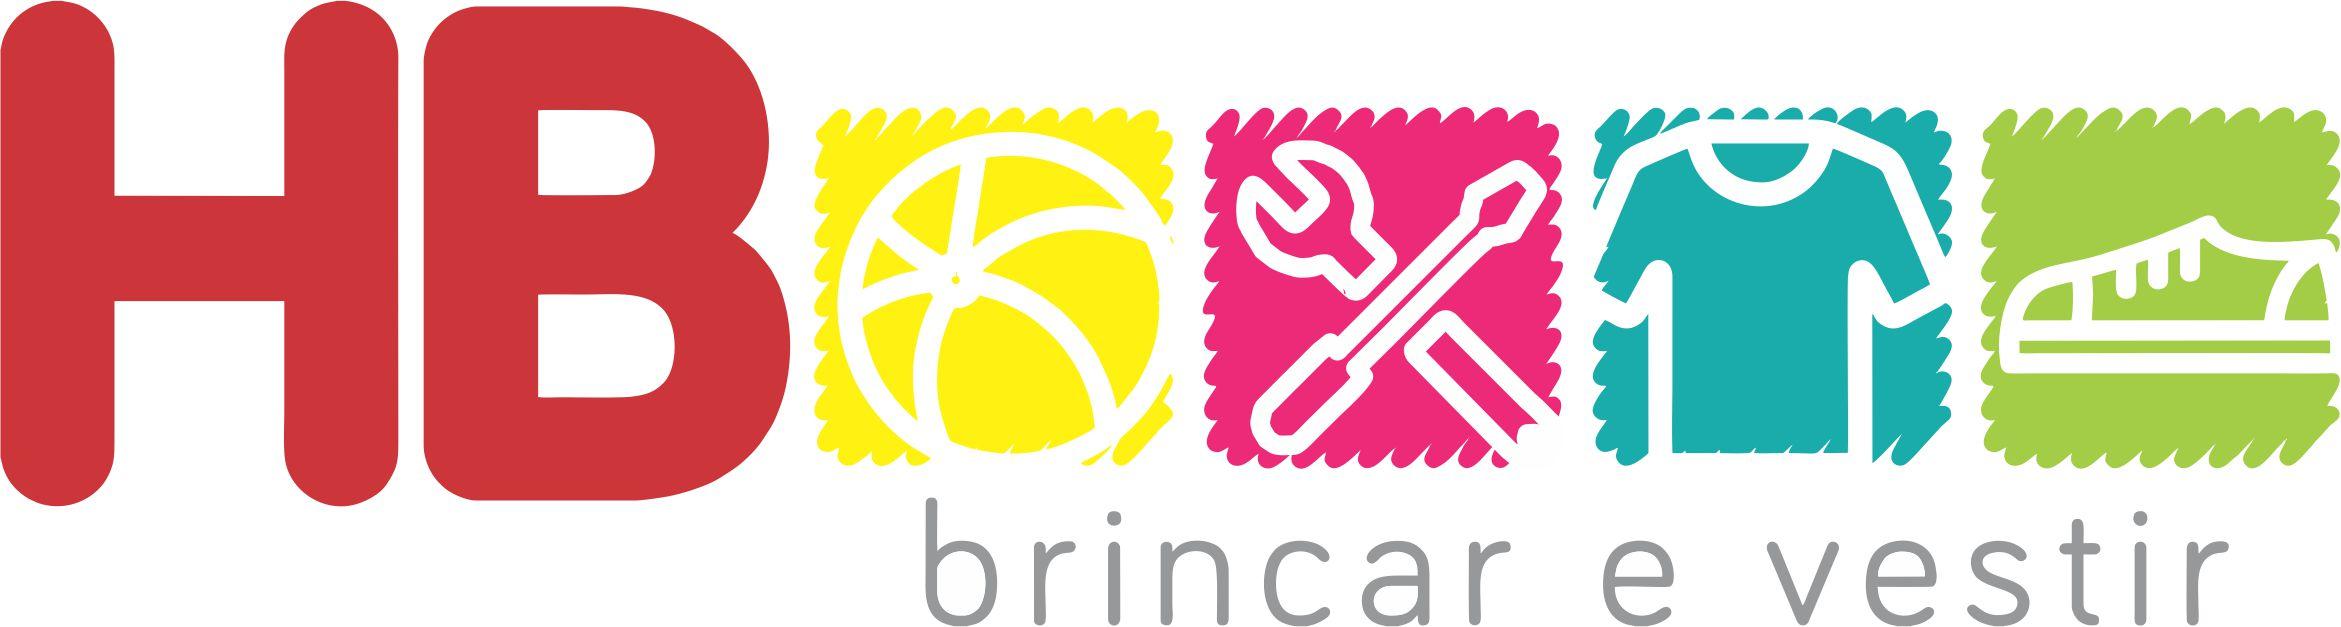 HB BRINCAR E VESTIR